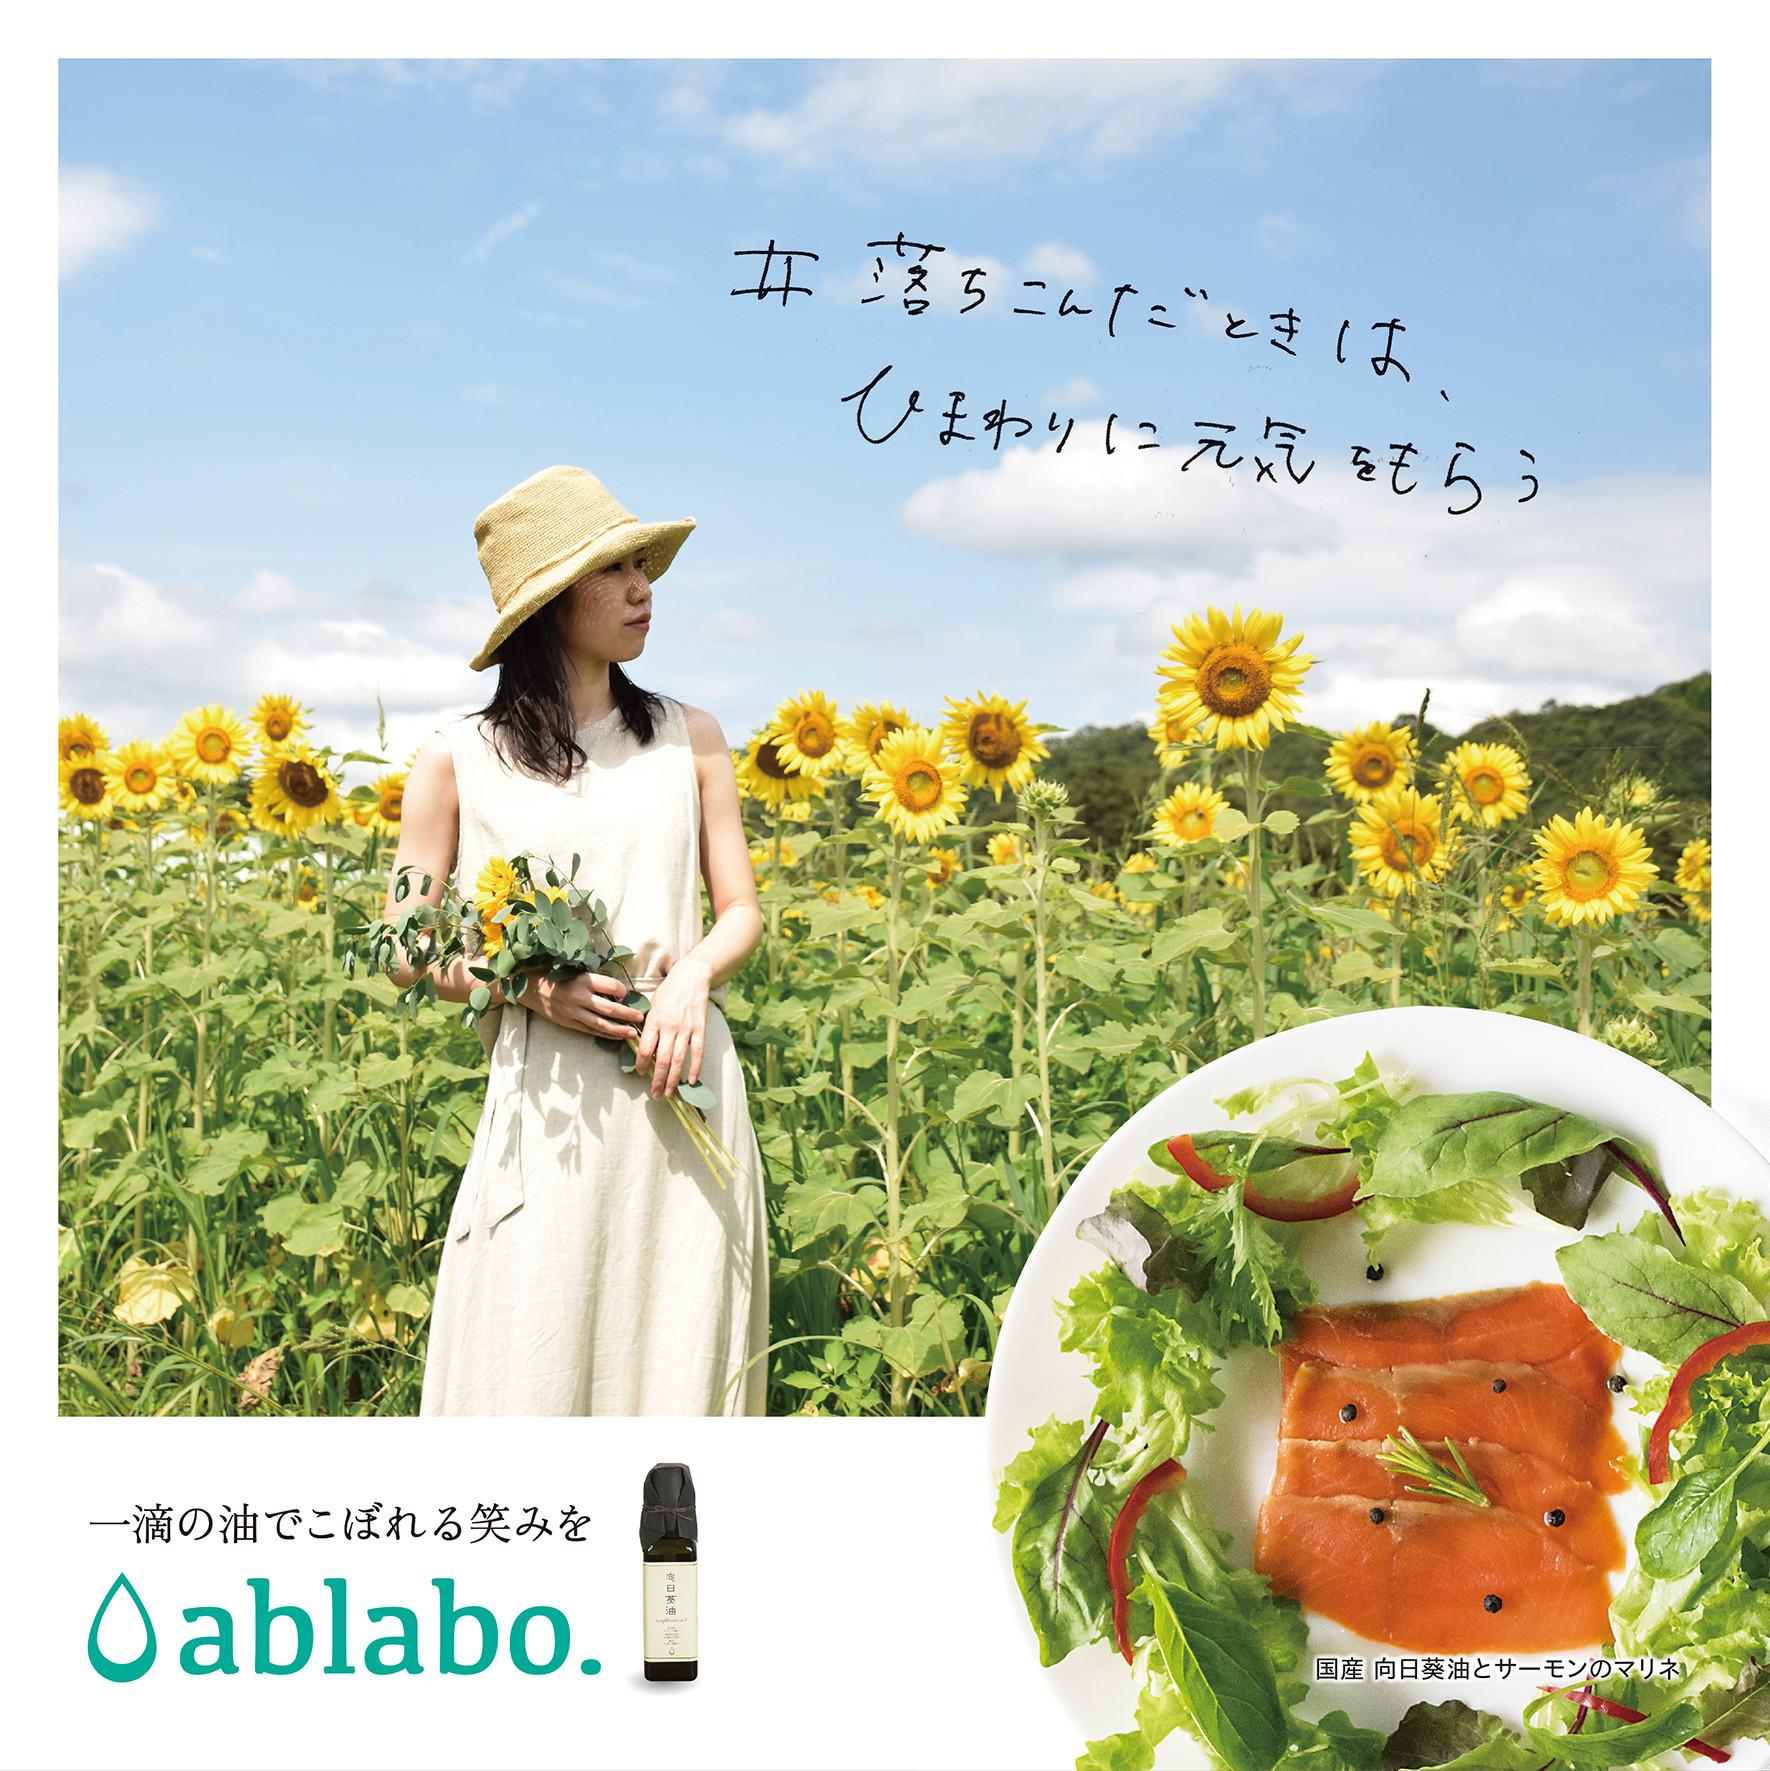 【レシピ】向日葵油とサーモンのマリネ #落ち込んだときは、ひまわりに元気をもらう